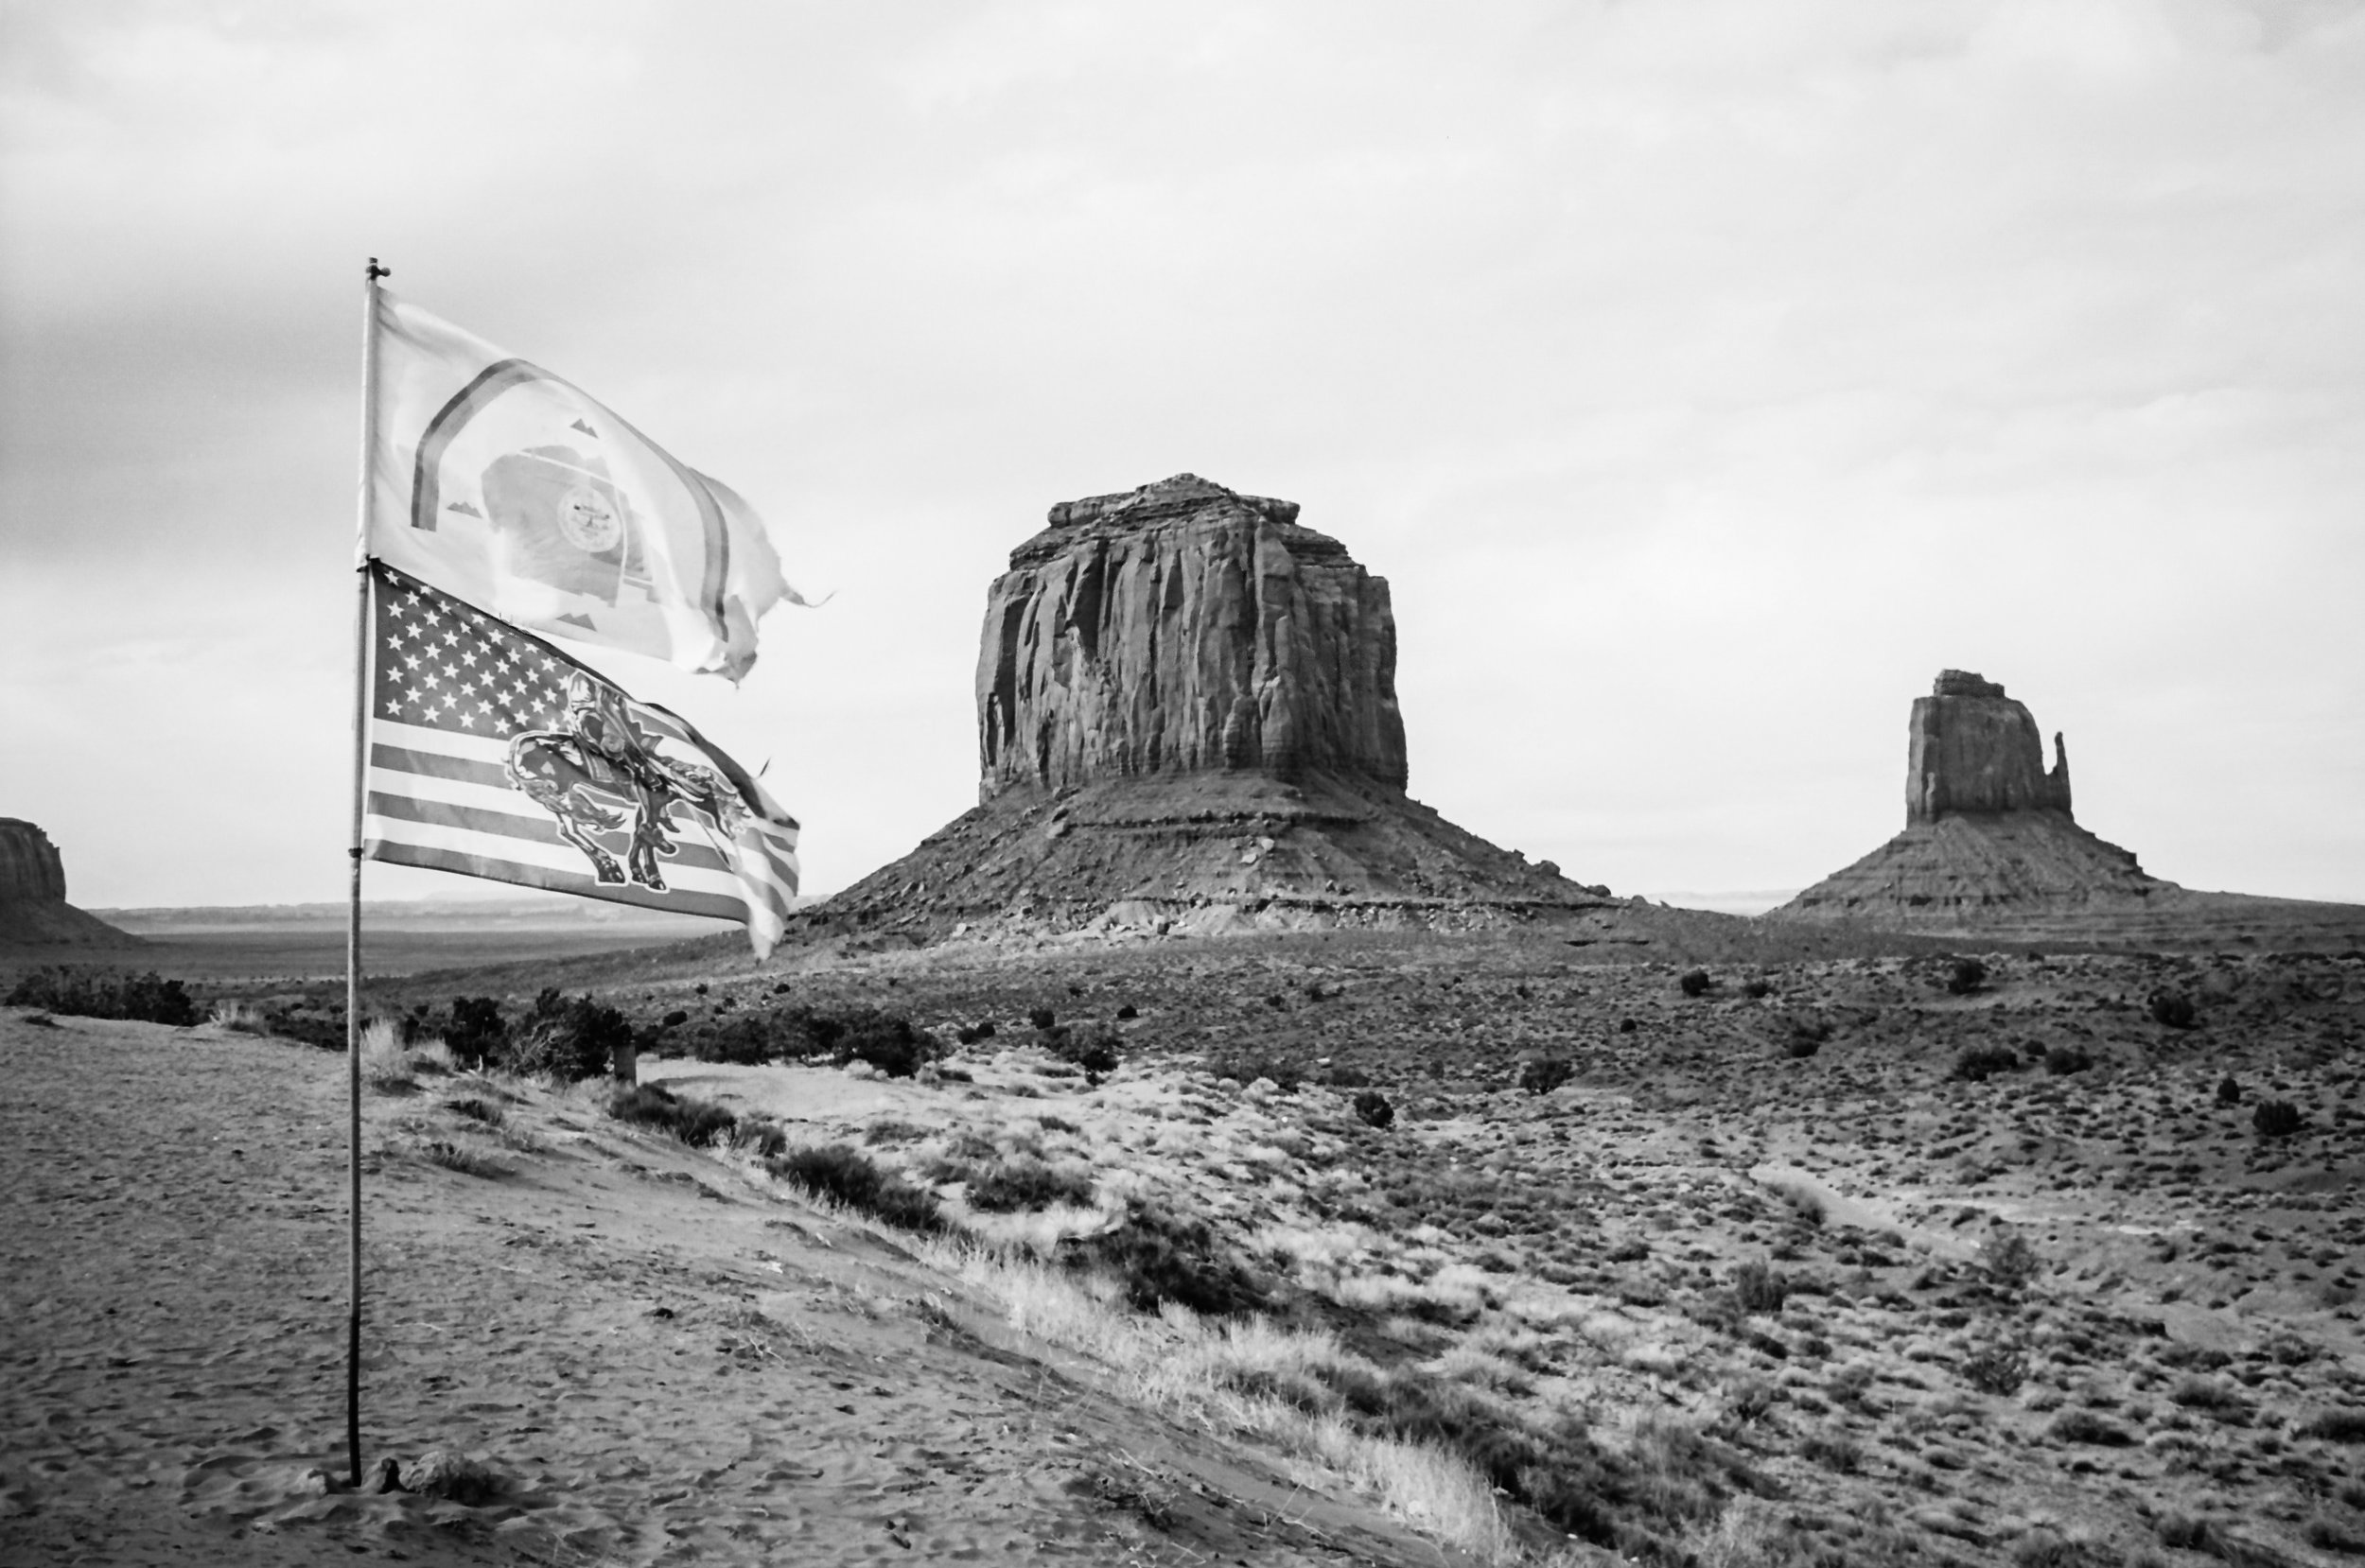 Monument Valley, AZ 2018